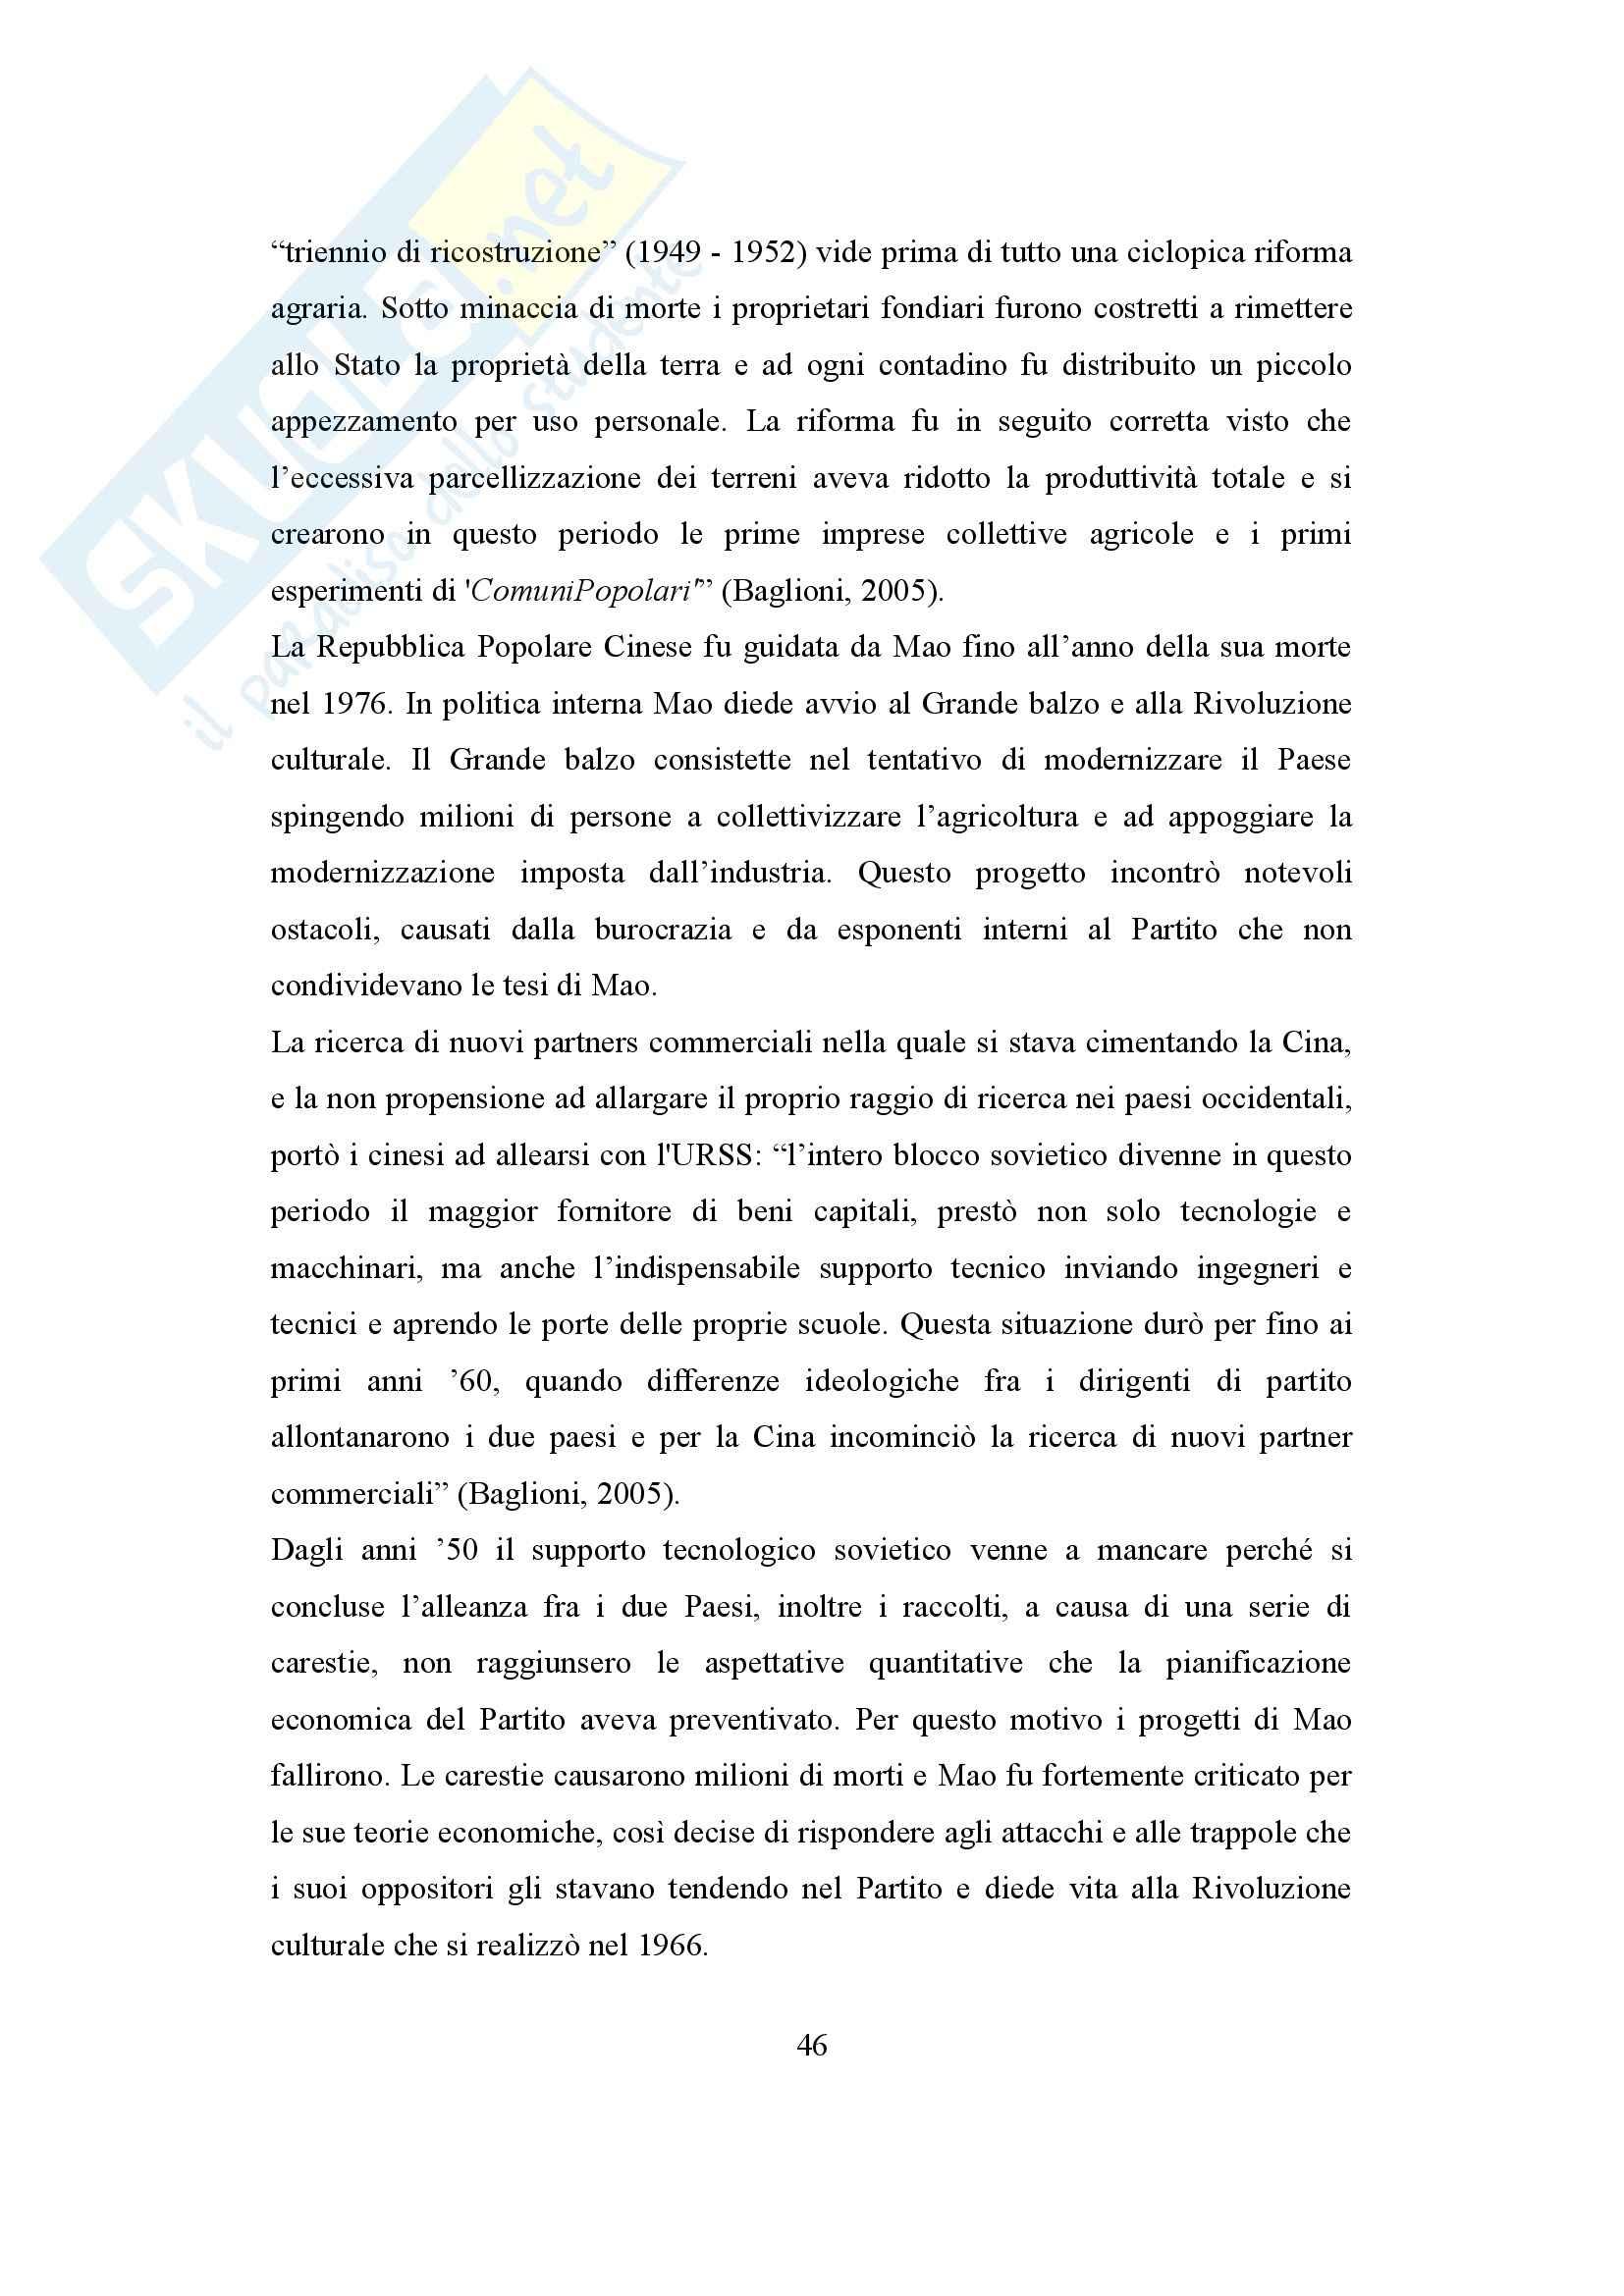 Globalizzazione, sviluppo e disuguaglianza, Economia del lavoro Pag. 46